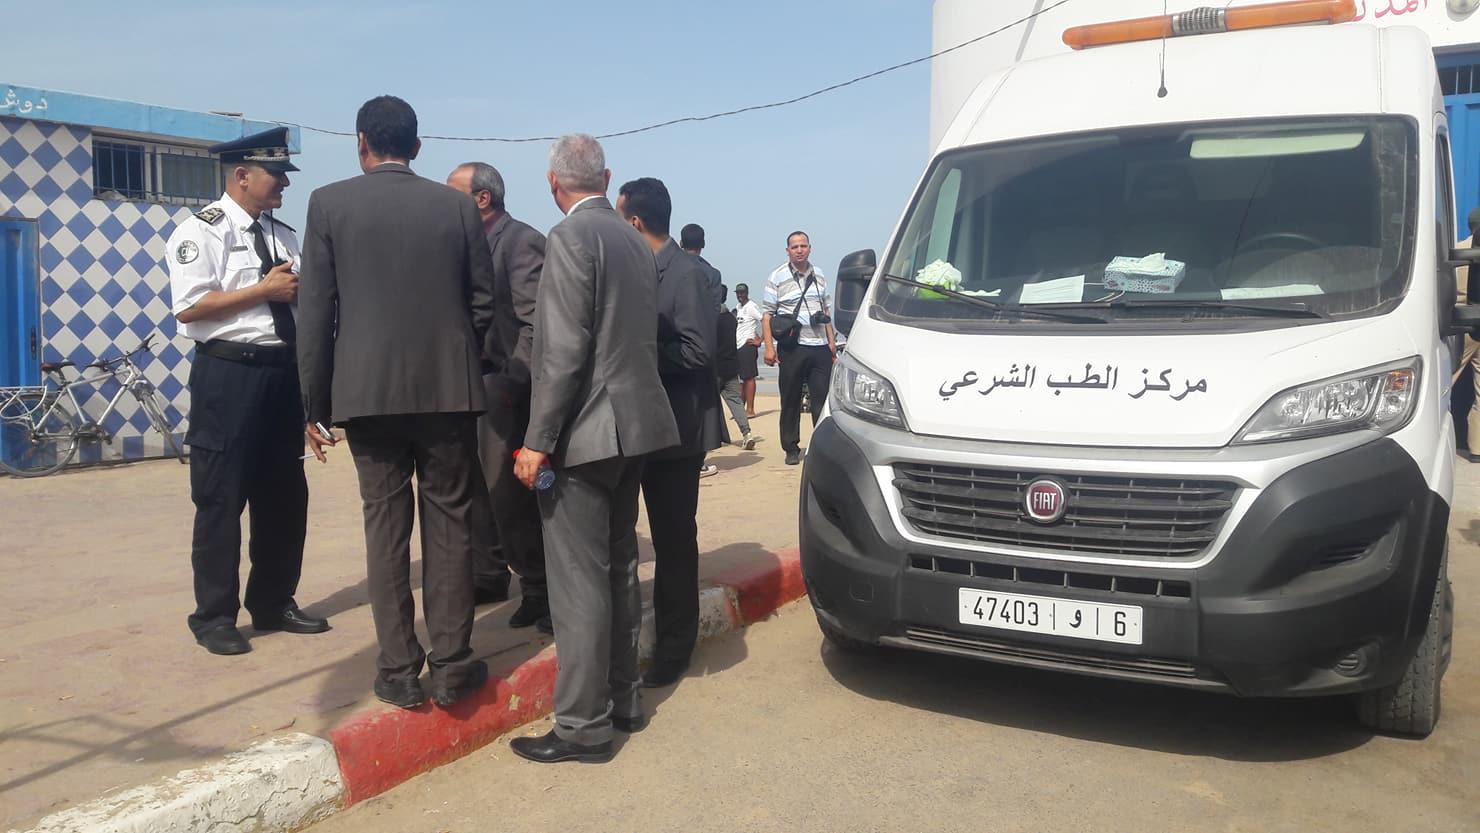 ''فاجعة زناتة''.. نقل الجثث إلى مستودع الأموات وسط حالة حزن وصدمة